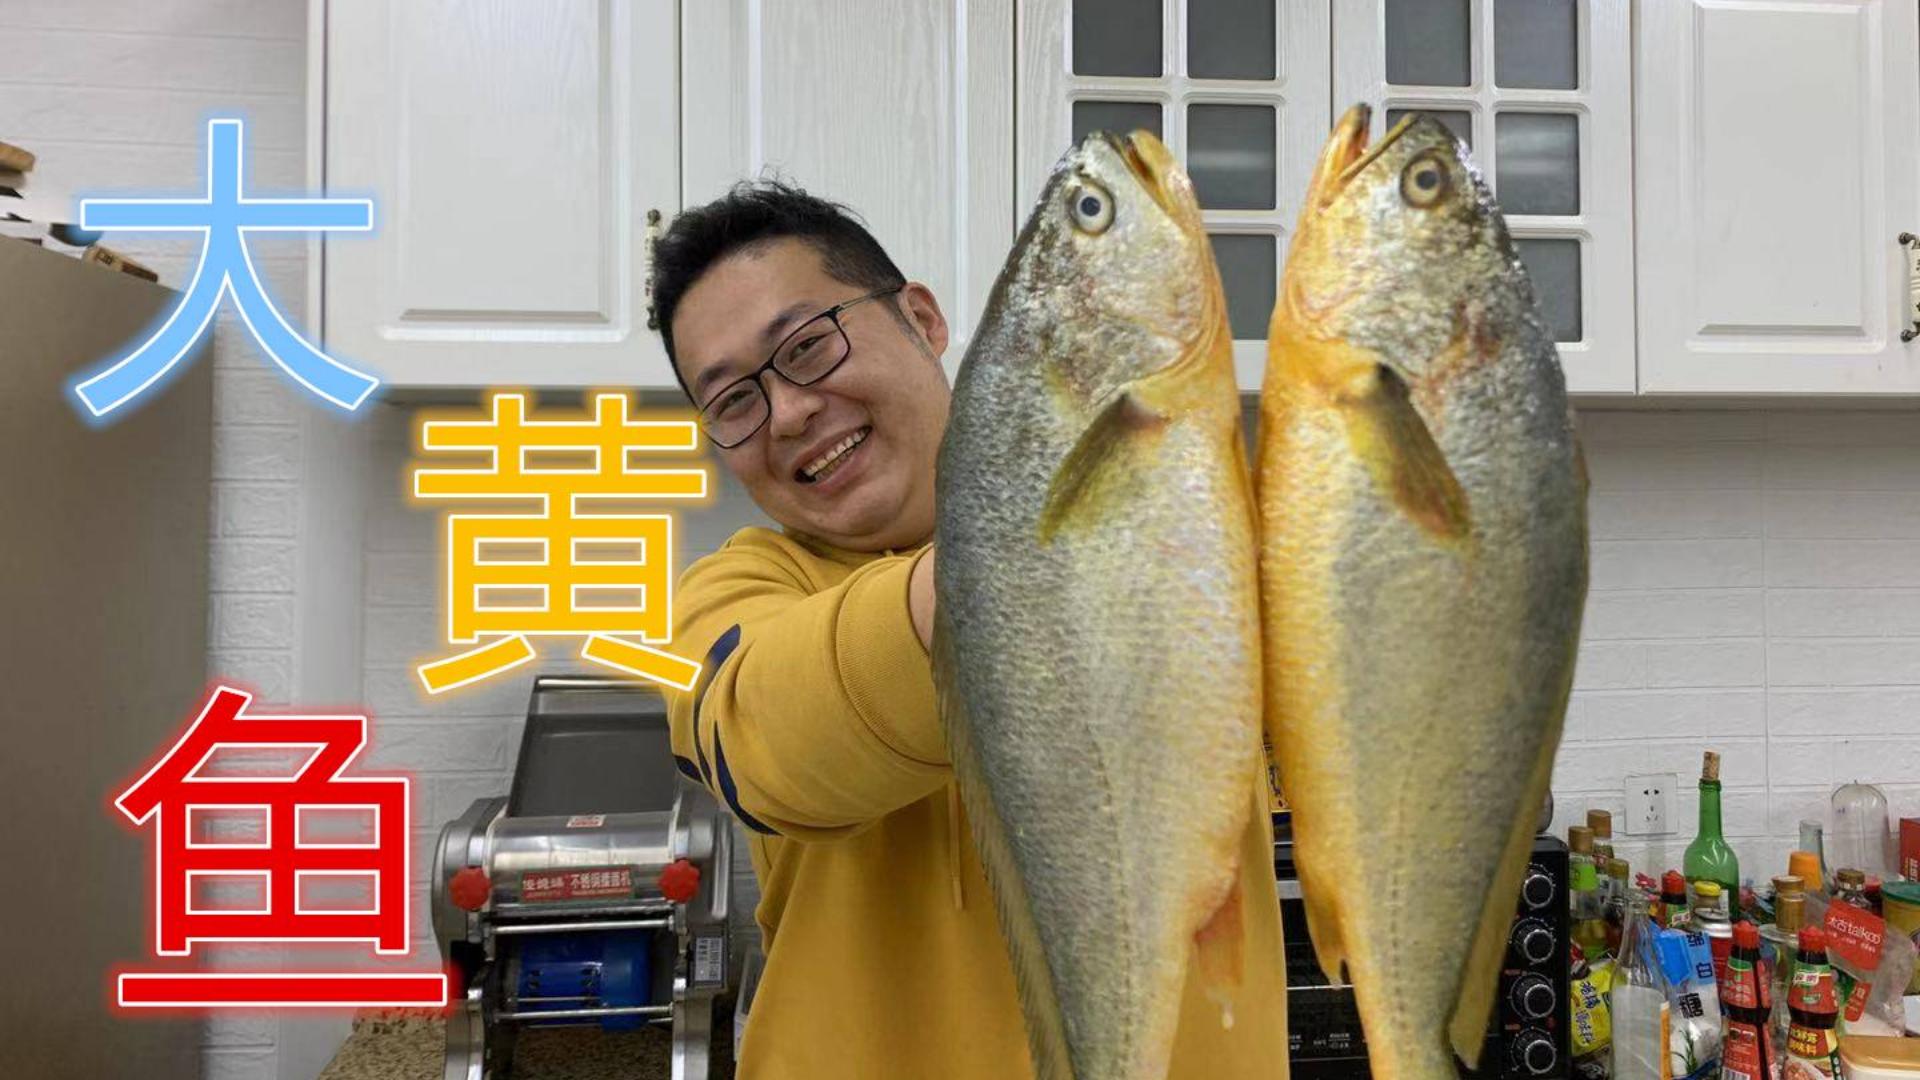 """106买两条大黄鱼,做""""红烧大黄鱼""""肉质鲜嫩,回味无穷,过瘾"""